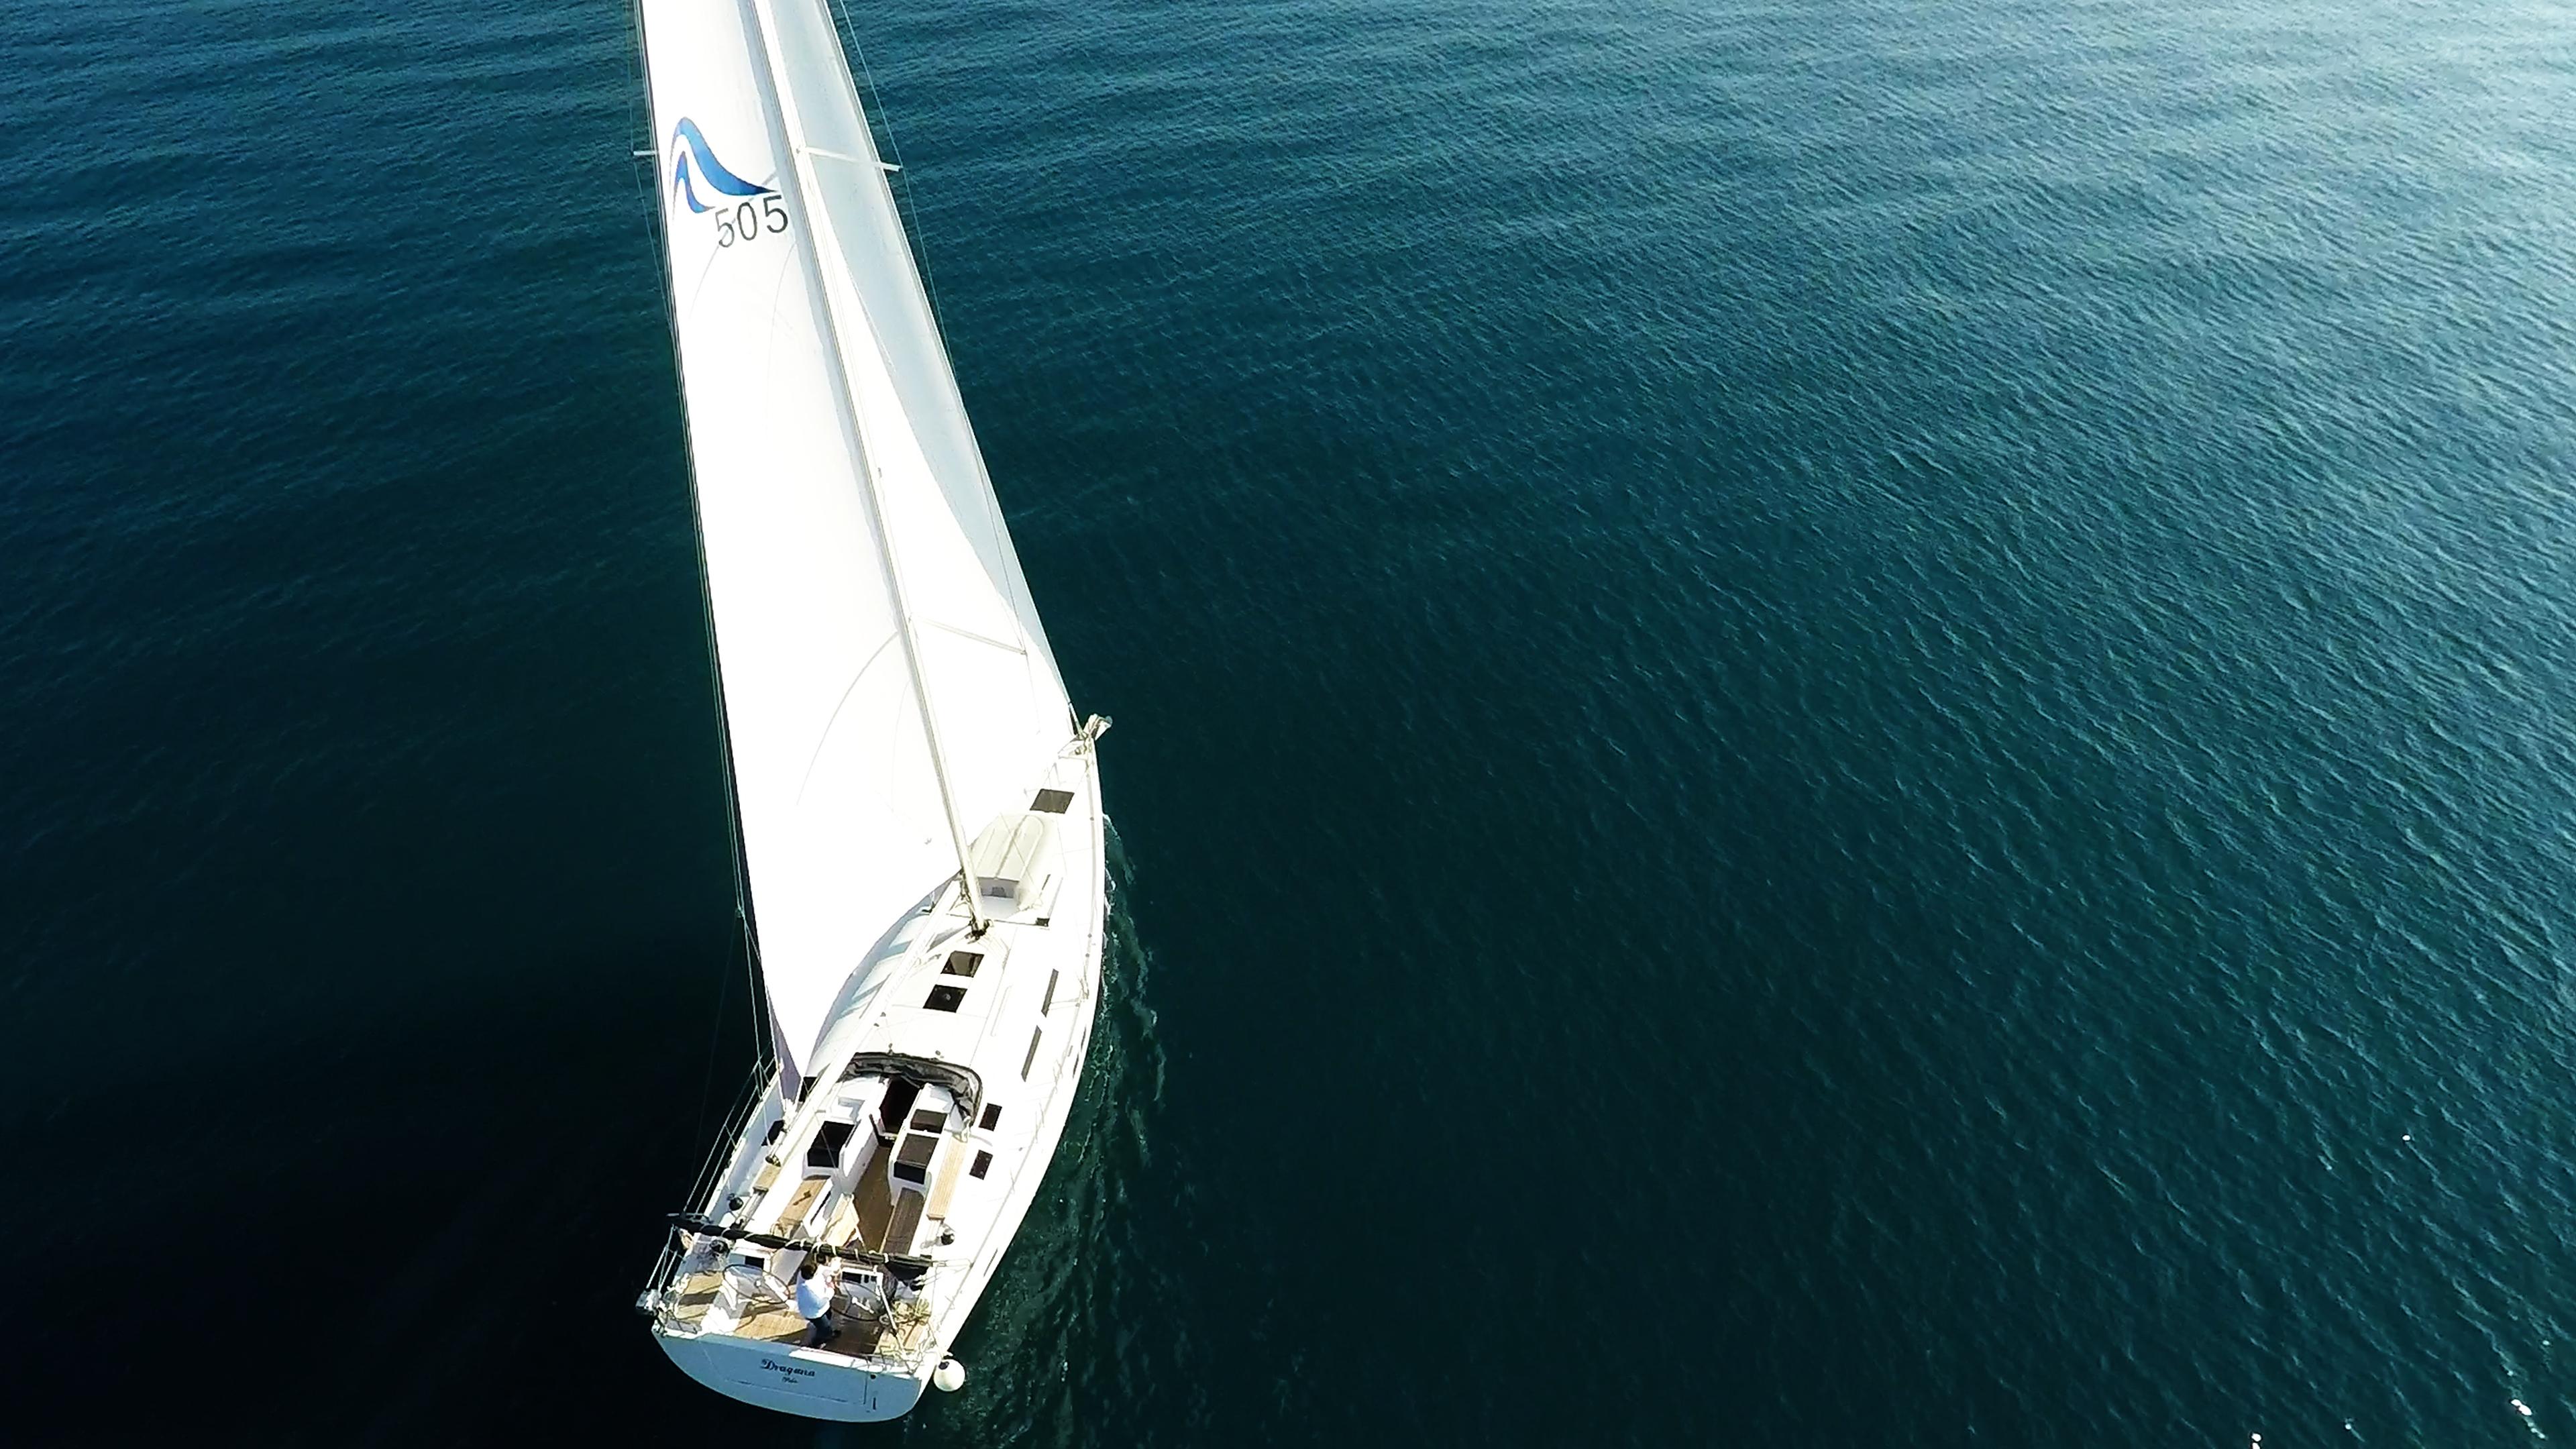 barcha a vela Hanse 505 yacht a vela 9